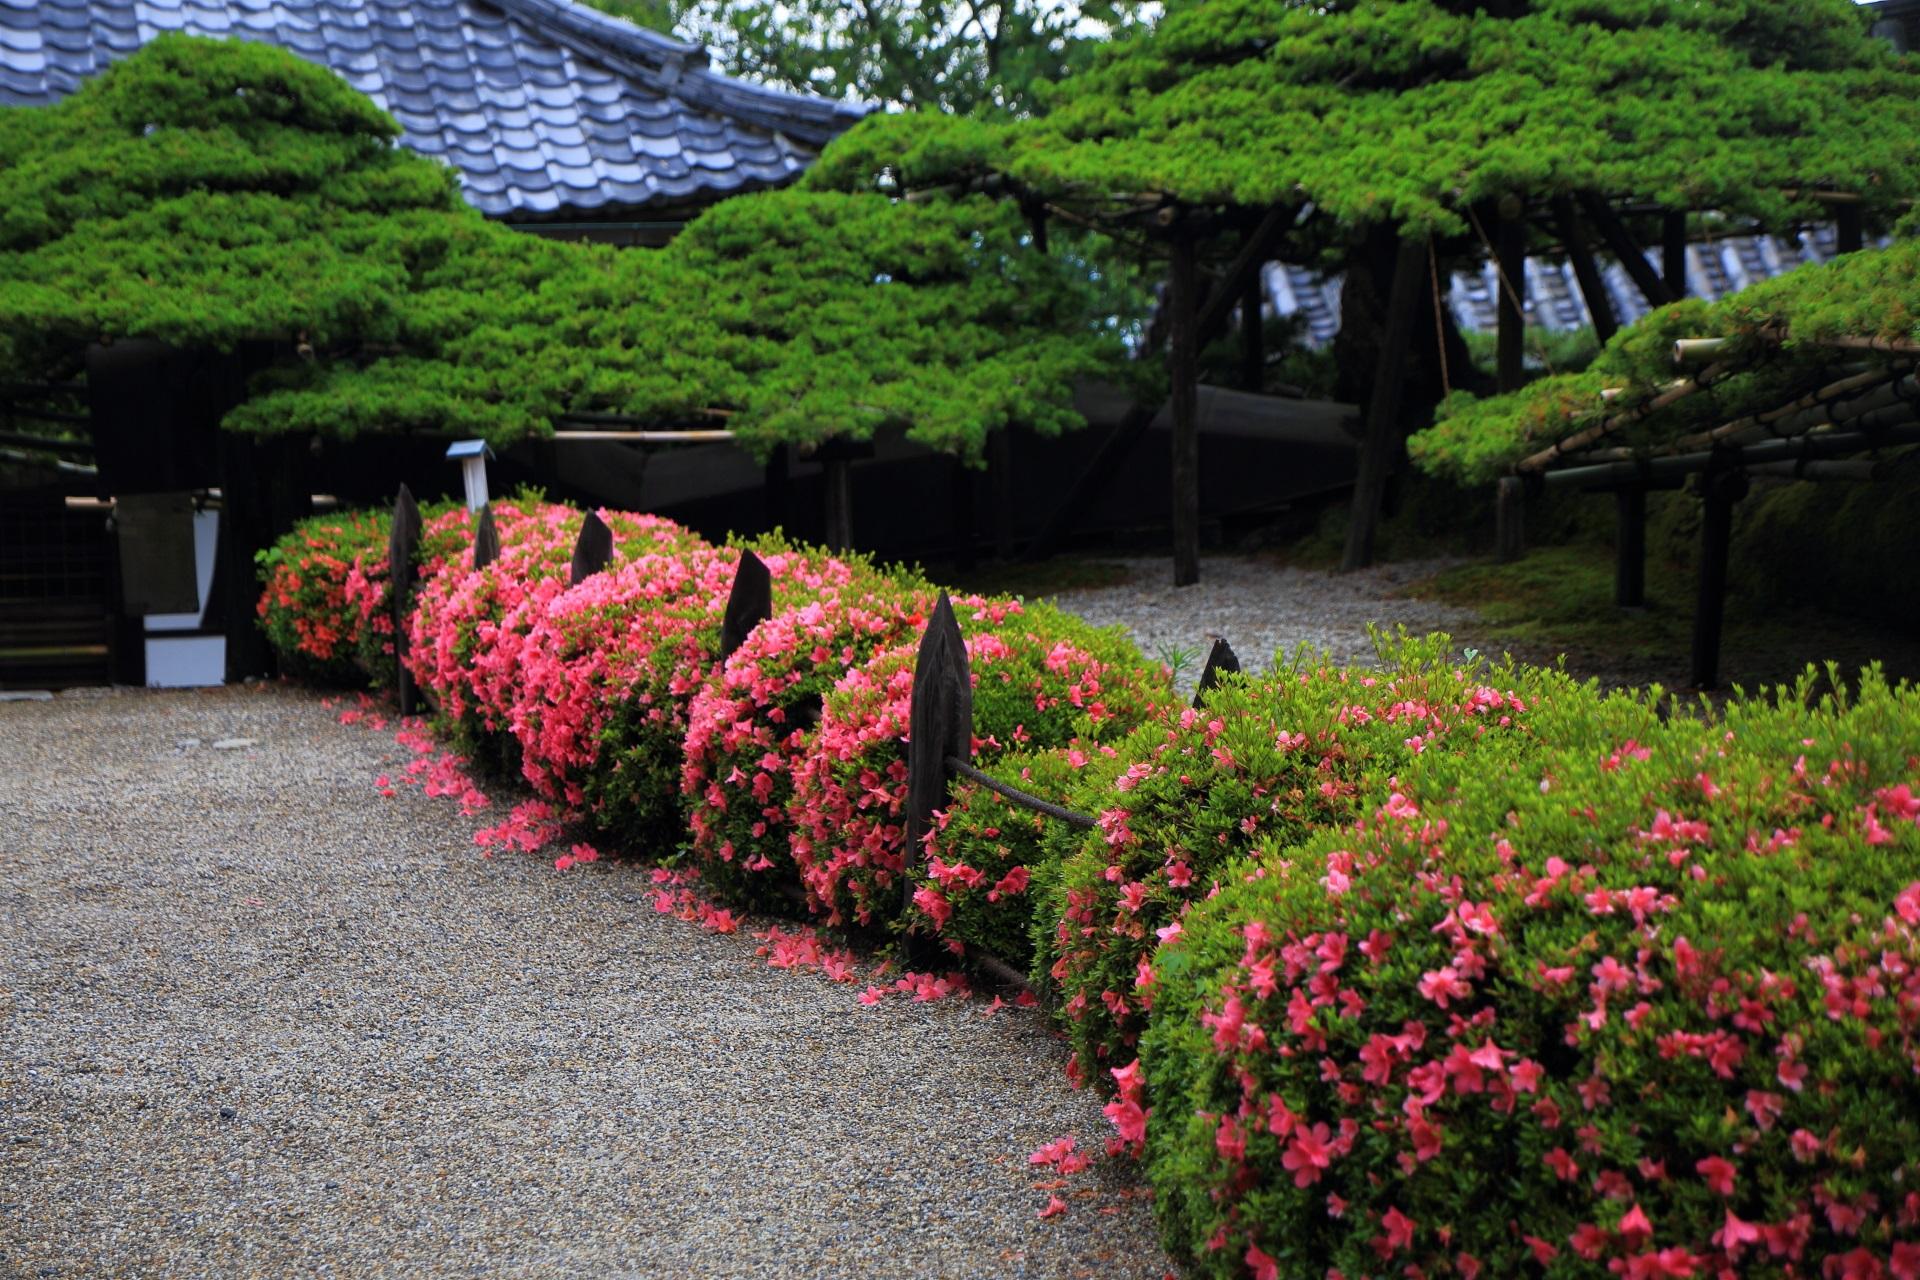 遊龍の松の緑とサツキのピンクの綺麗なコントラスト